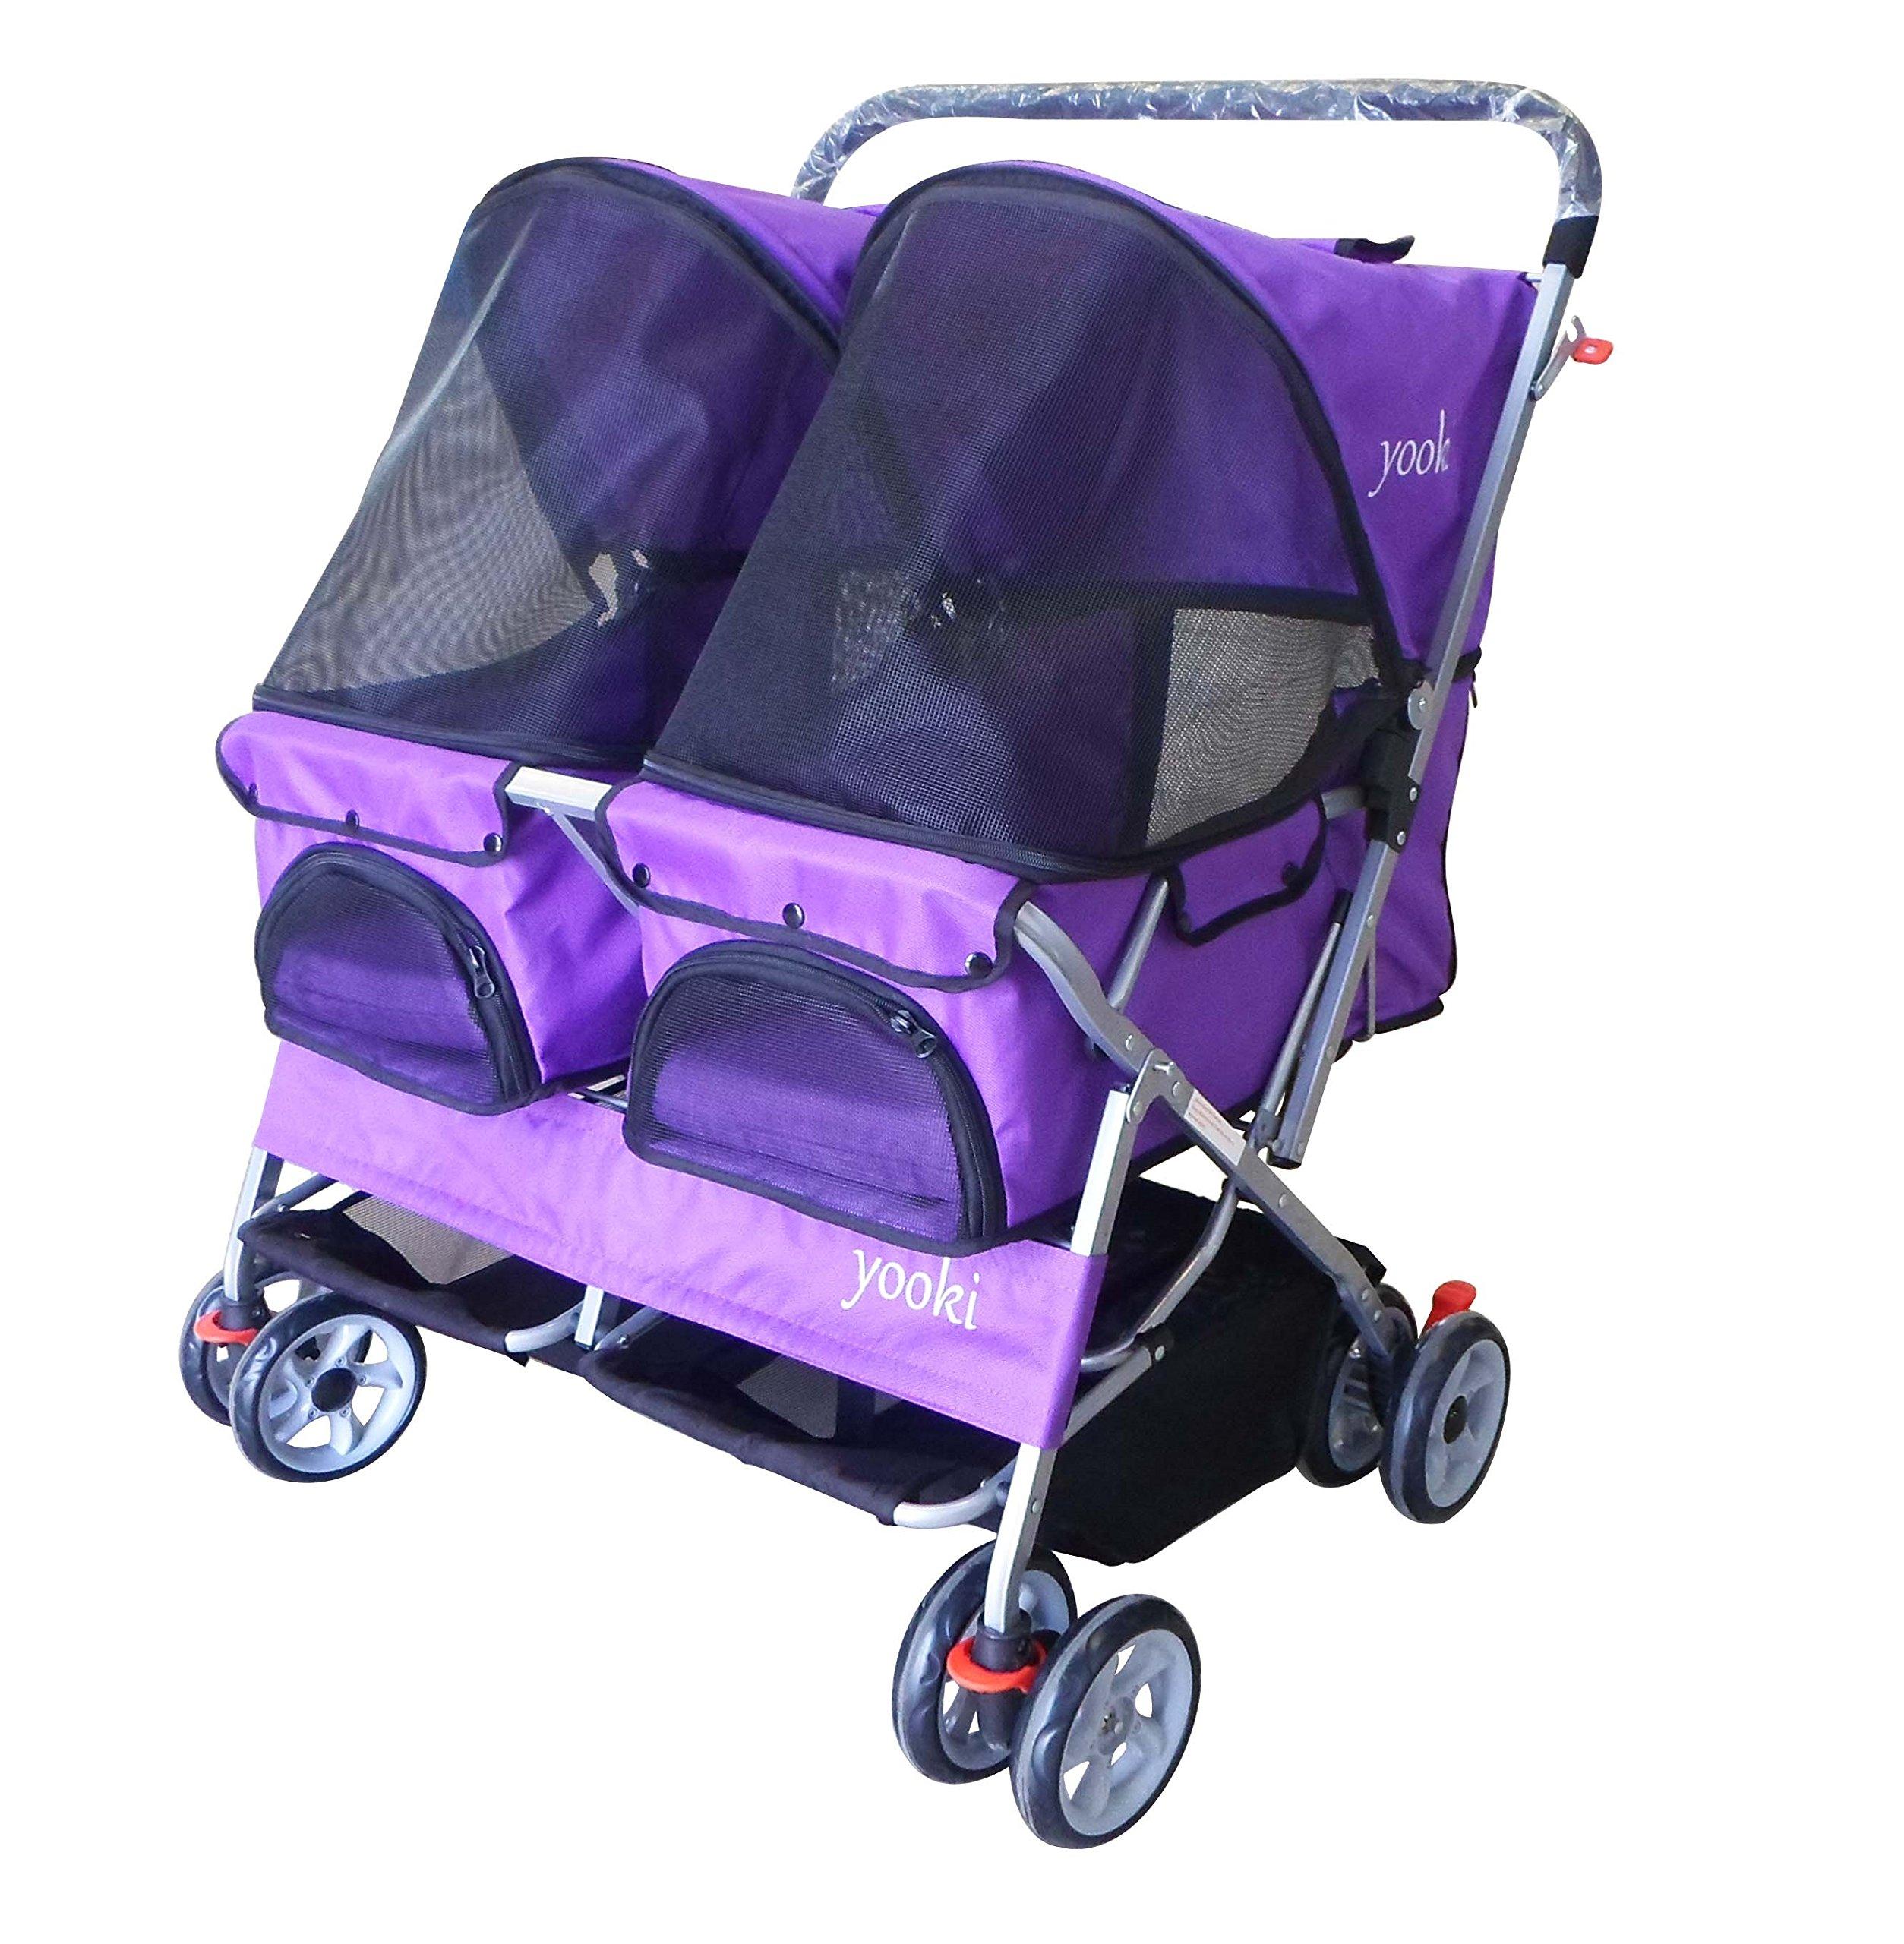 YOOKI SP-09PP Double Side Pet Stroller, Purple